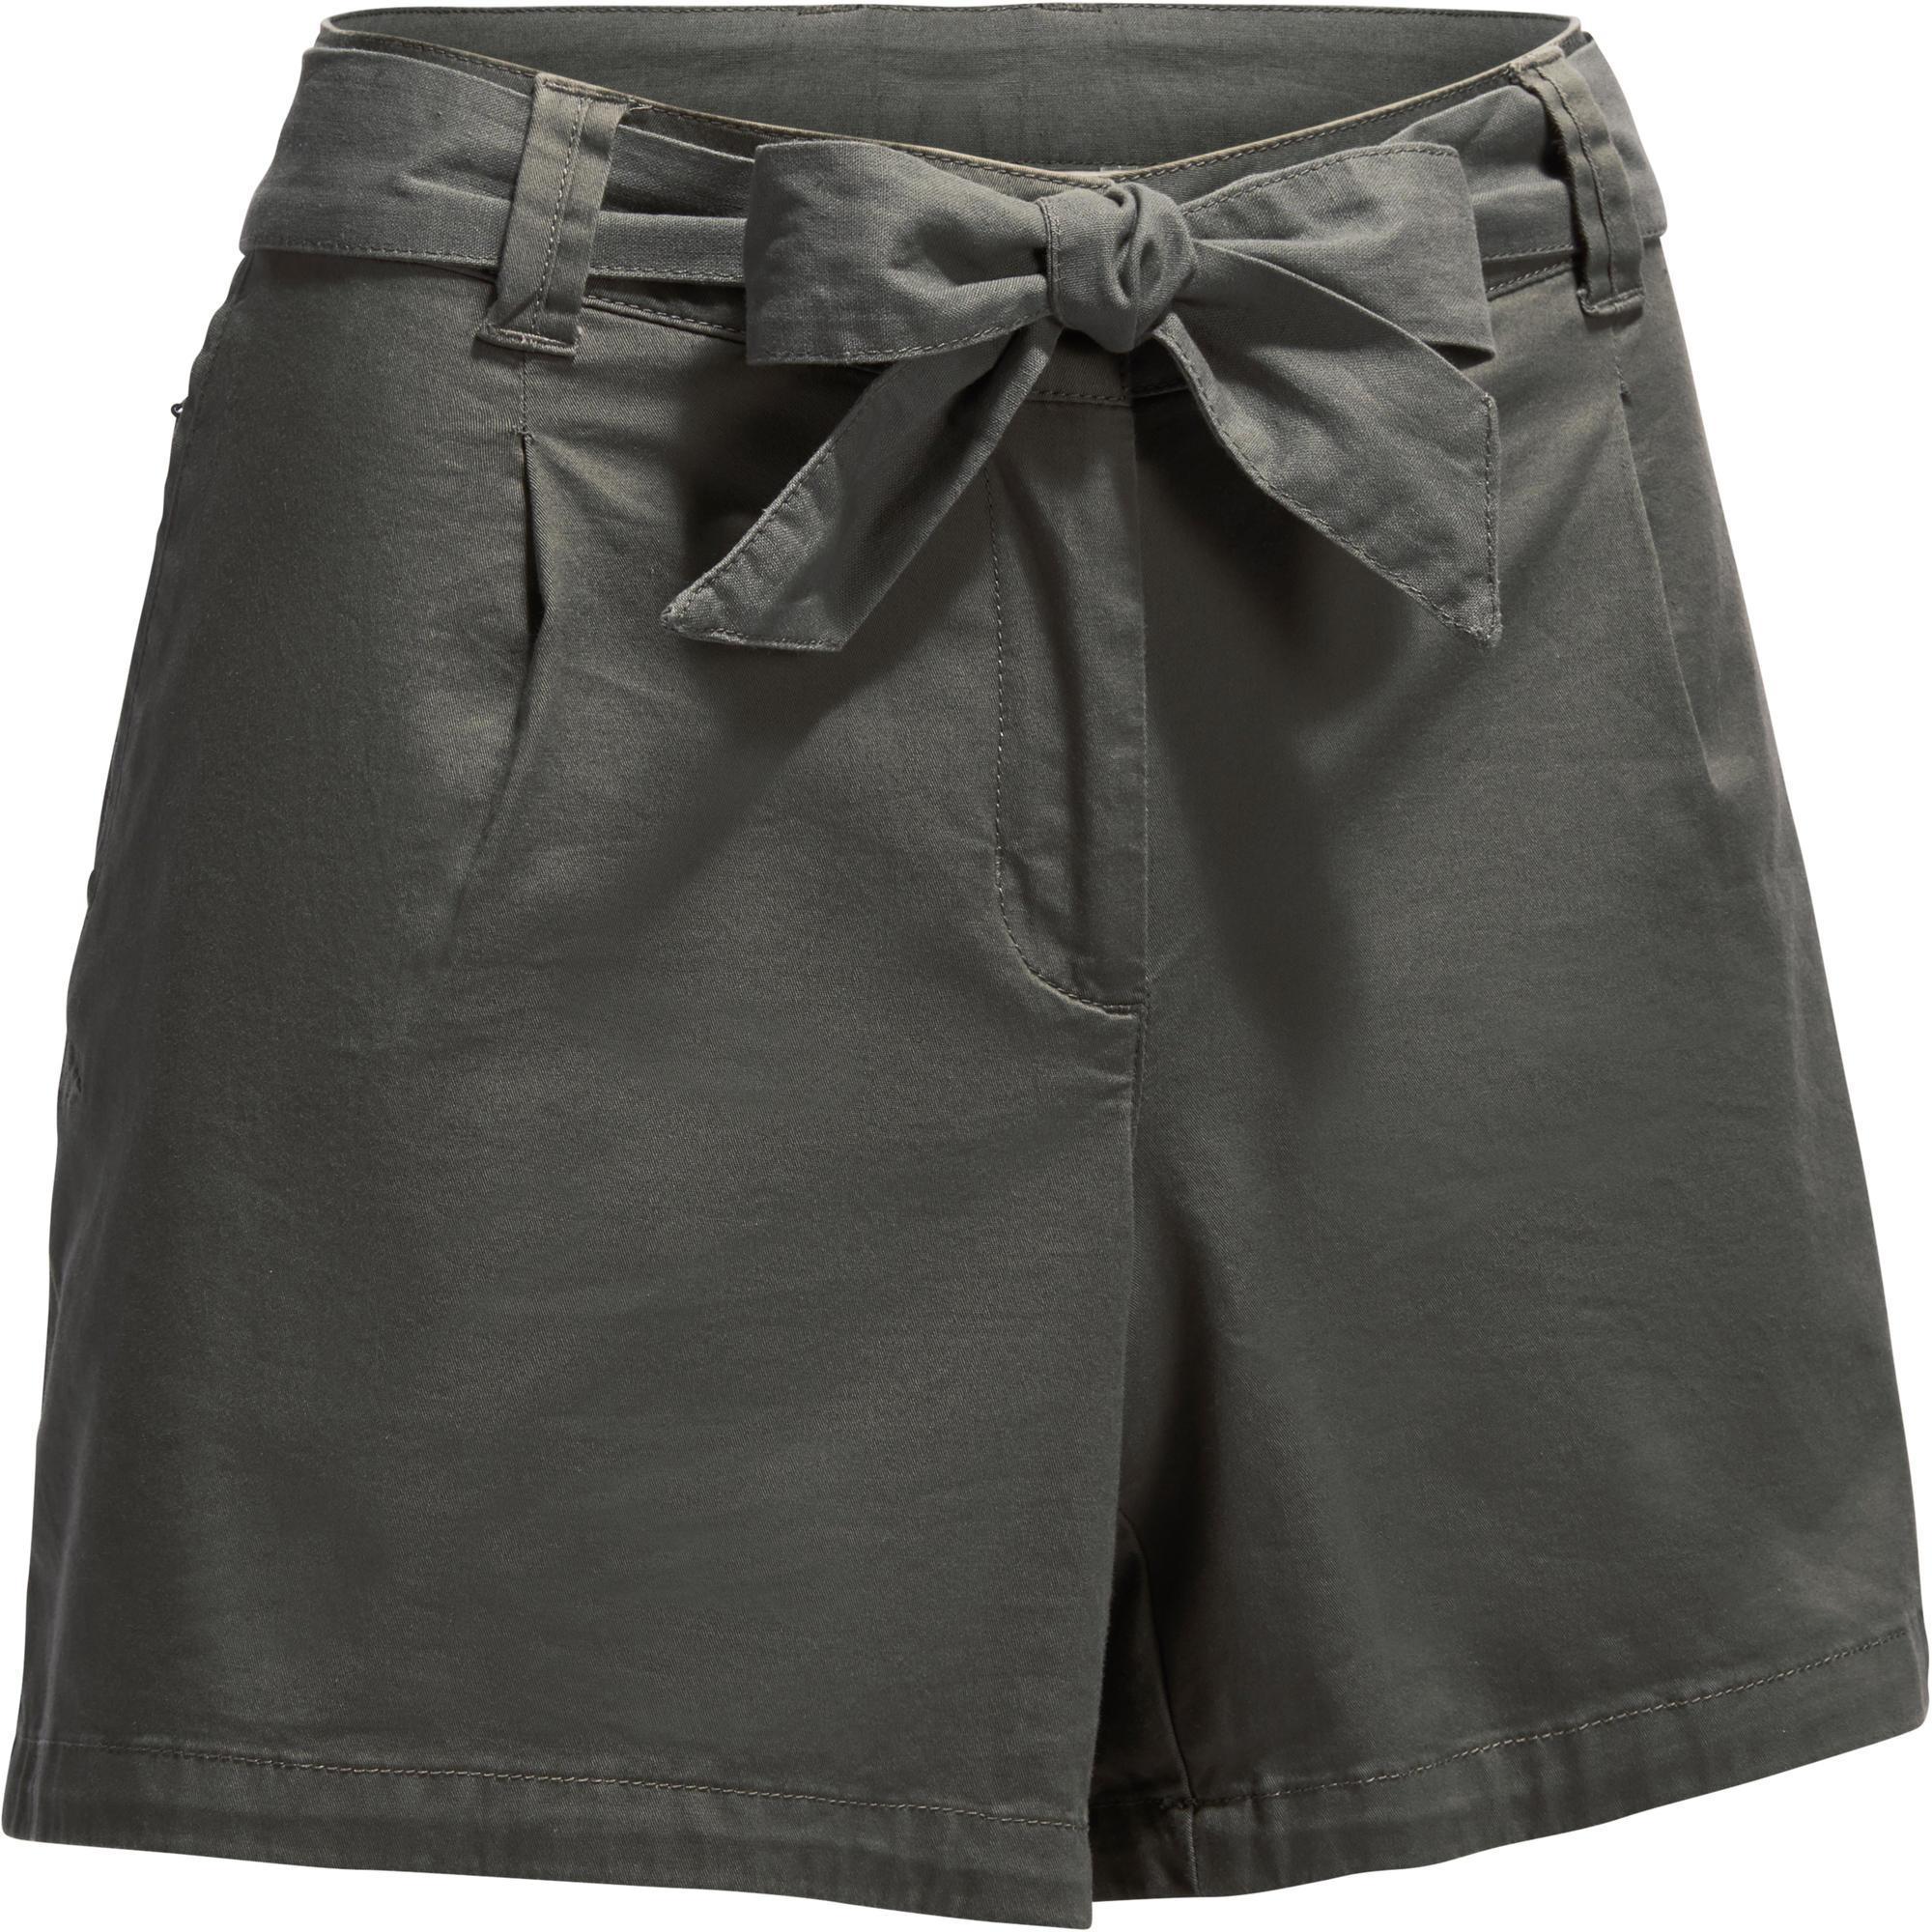 Pantalones Cortos Mujer Decathlon Hombre Mujer Ninos Envio Gratis Y Entrega Rapida Ahorros Garantizados Y Stock Permanente